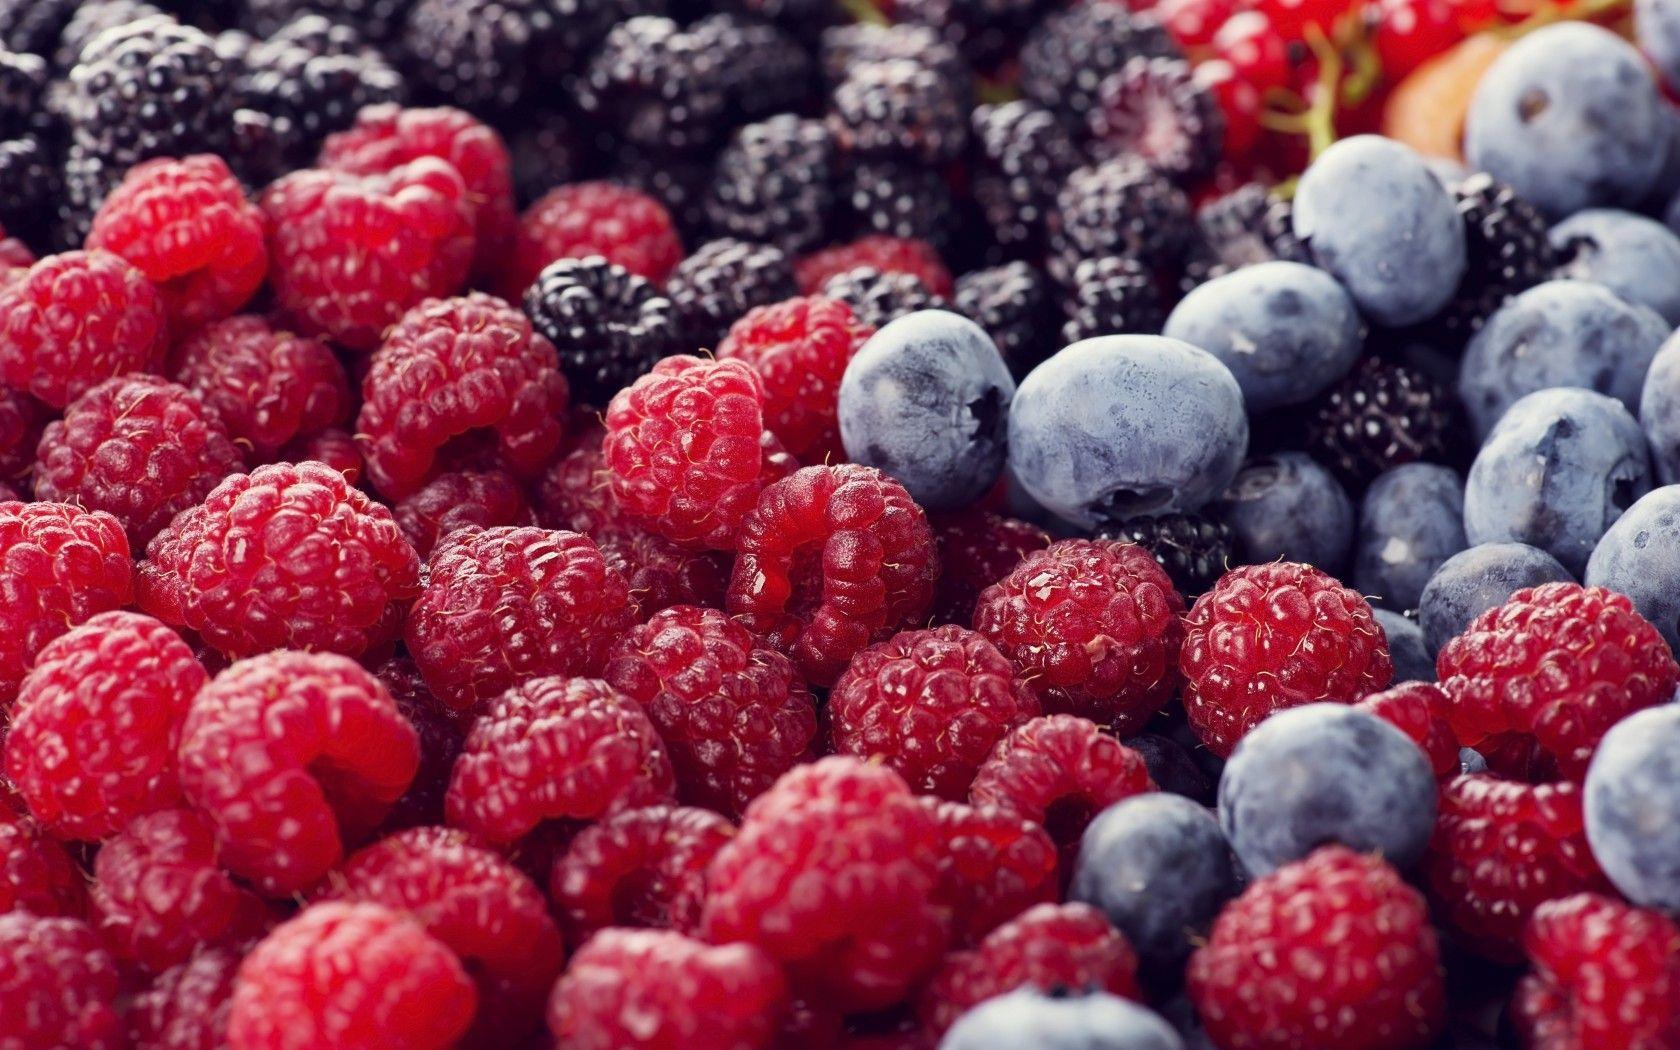 картинки на телефон красивые ягоды хотите выбрать подарок